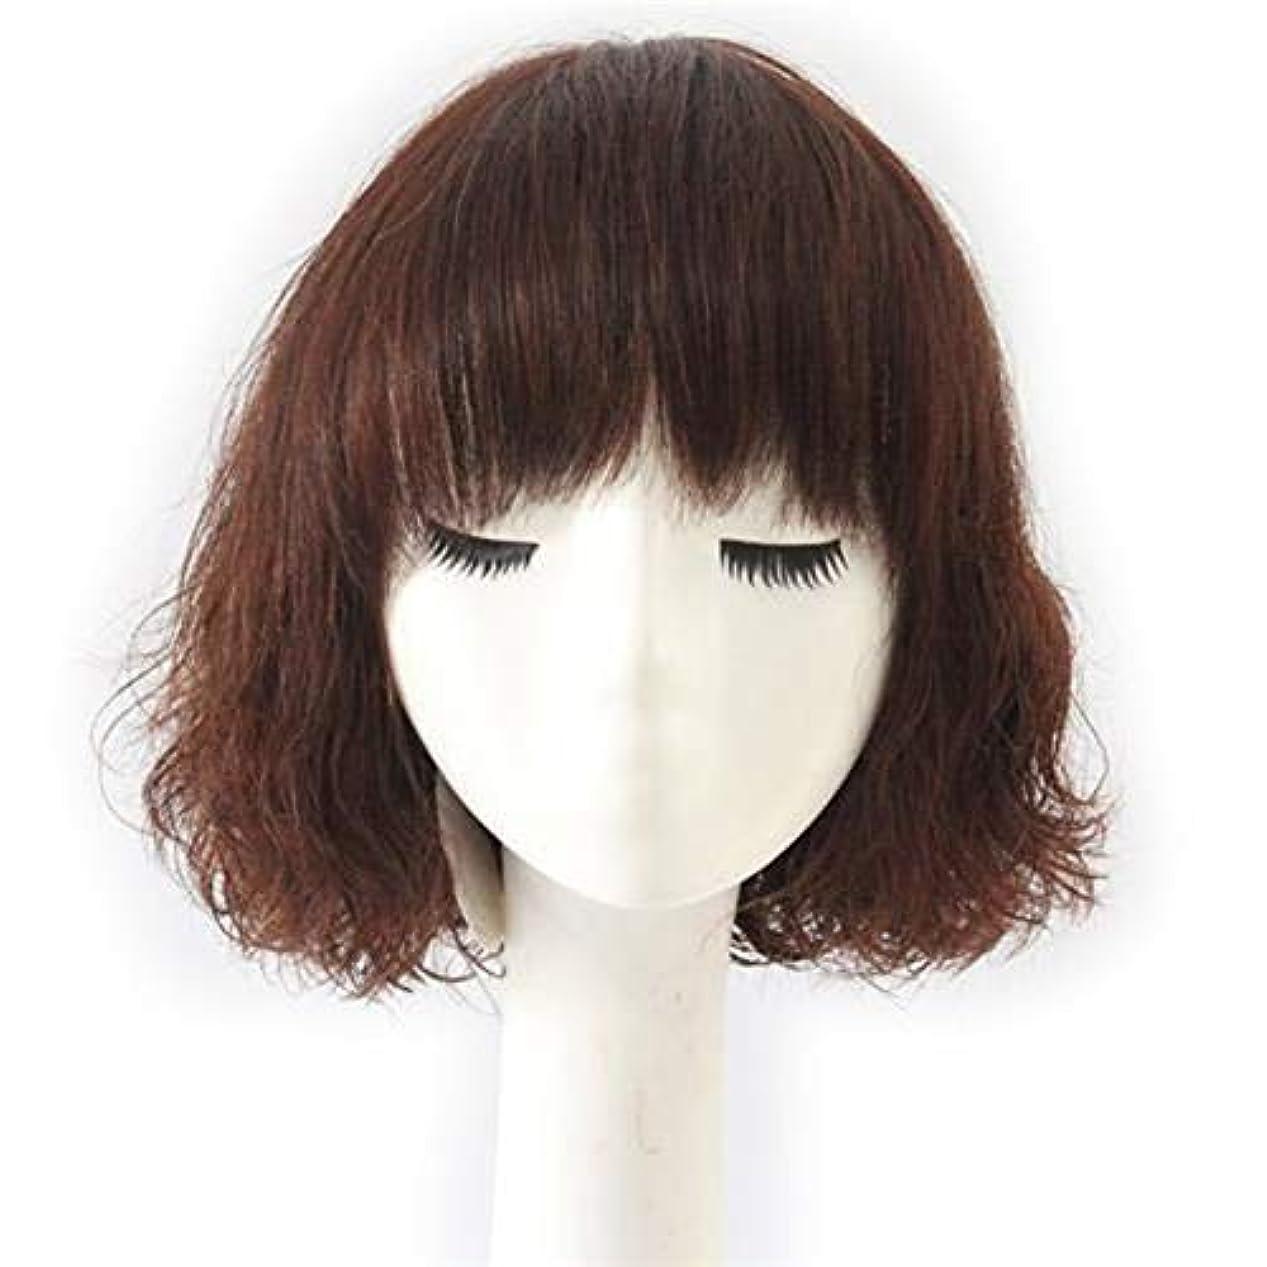 モトリースツールうまくいけばかつら 女性のファッションかつらのためのダークブラウンのリアルヘアウィッグショートカーリーペアヘッド (色 : Dark brown)